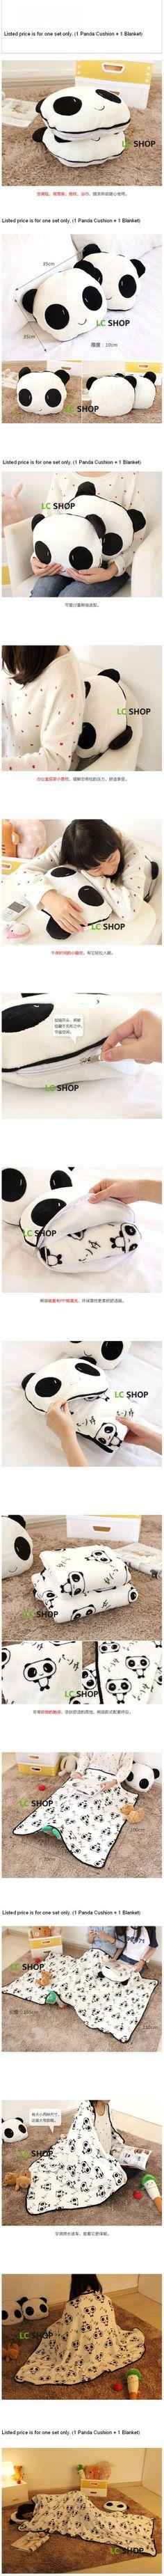 panda cushion + fleece set